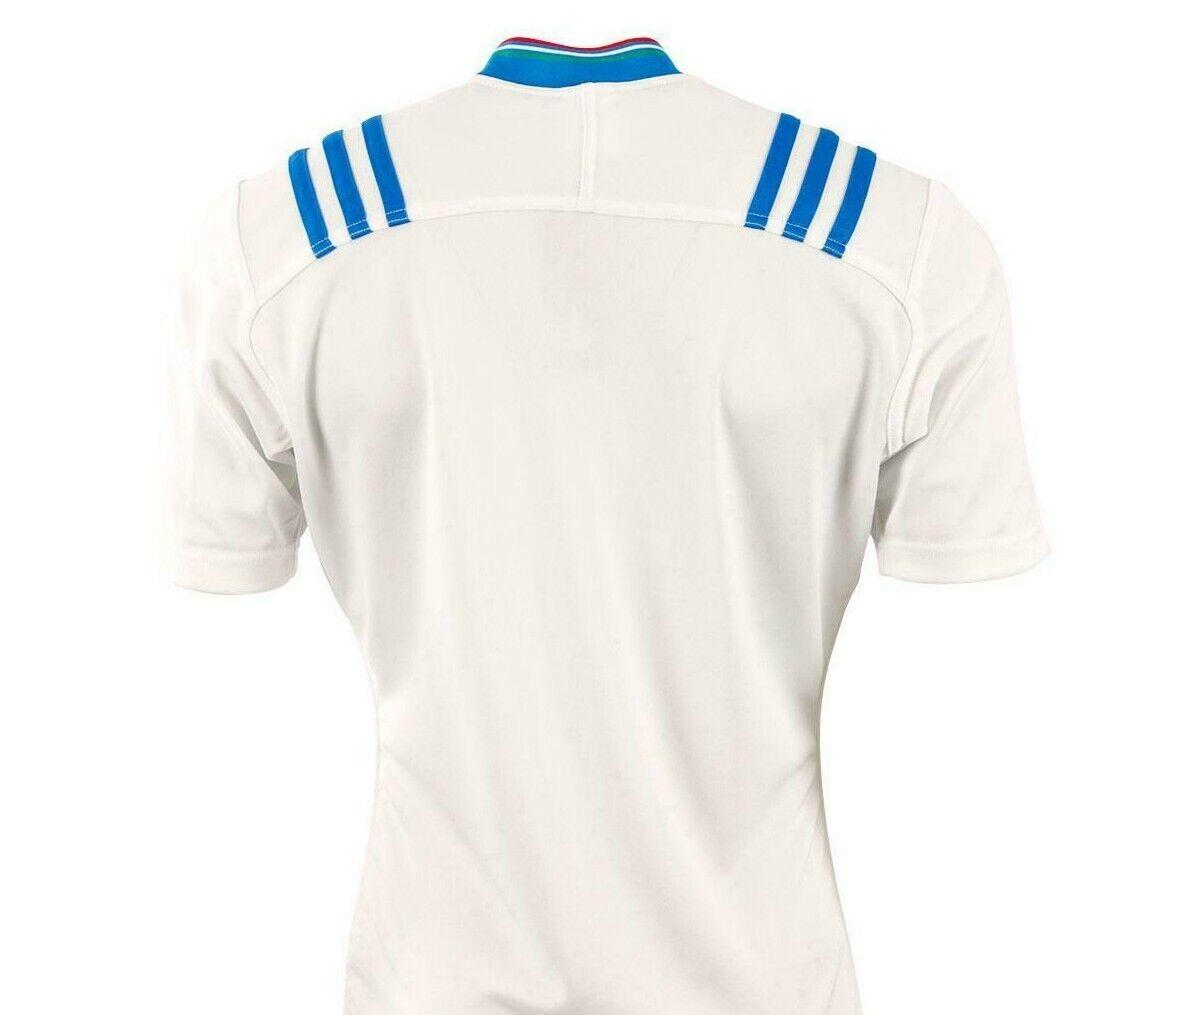 Fir Fir Fir f. I.R Italien Italia 2015 Adidas Trikot Hemd Herren Years Forwards Weißes 464758